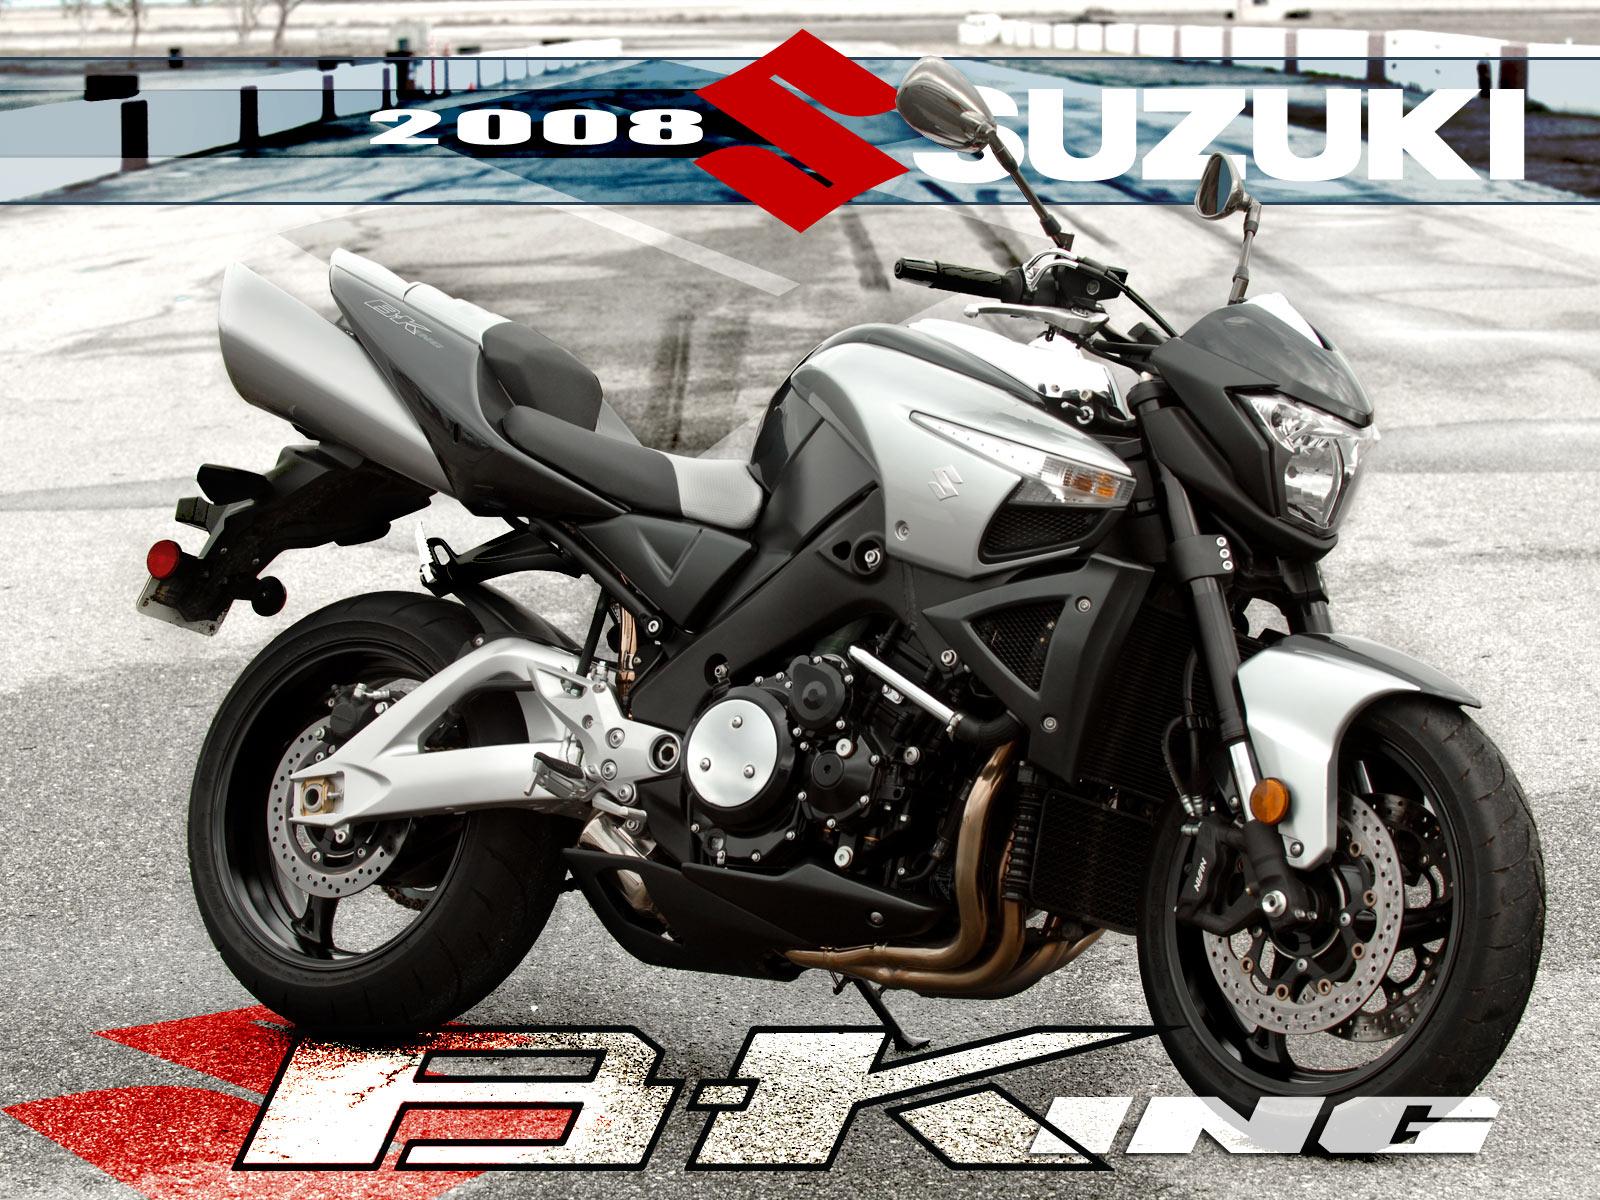 款鈴木B-King摩托車圖片1